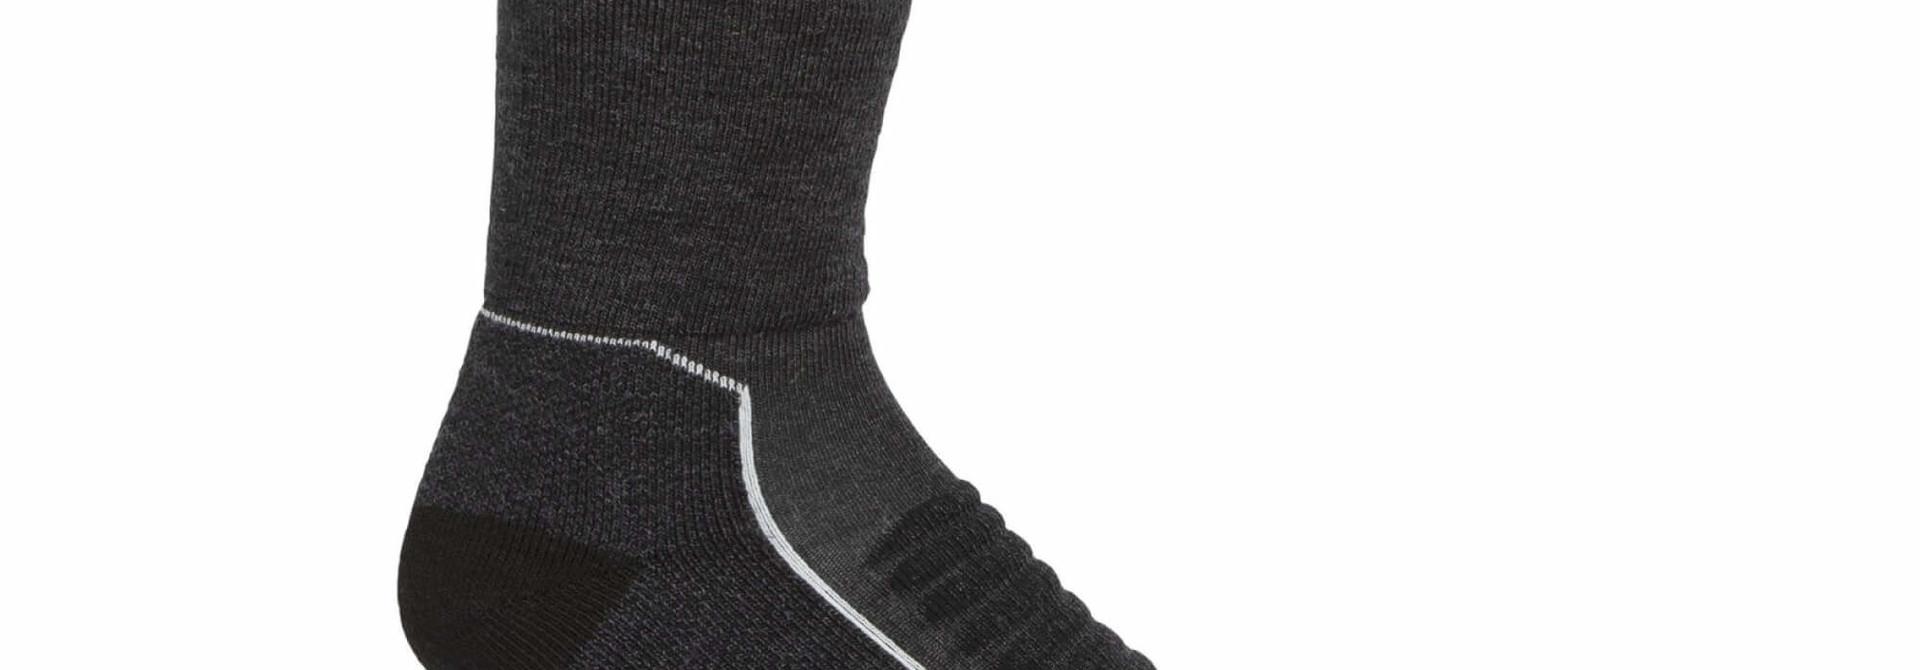 Women's Hike+ Heavy Crew Socks